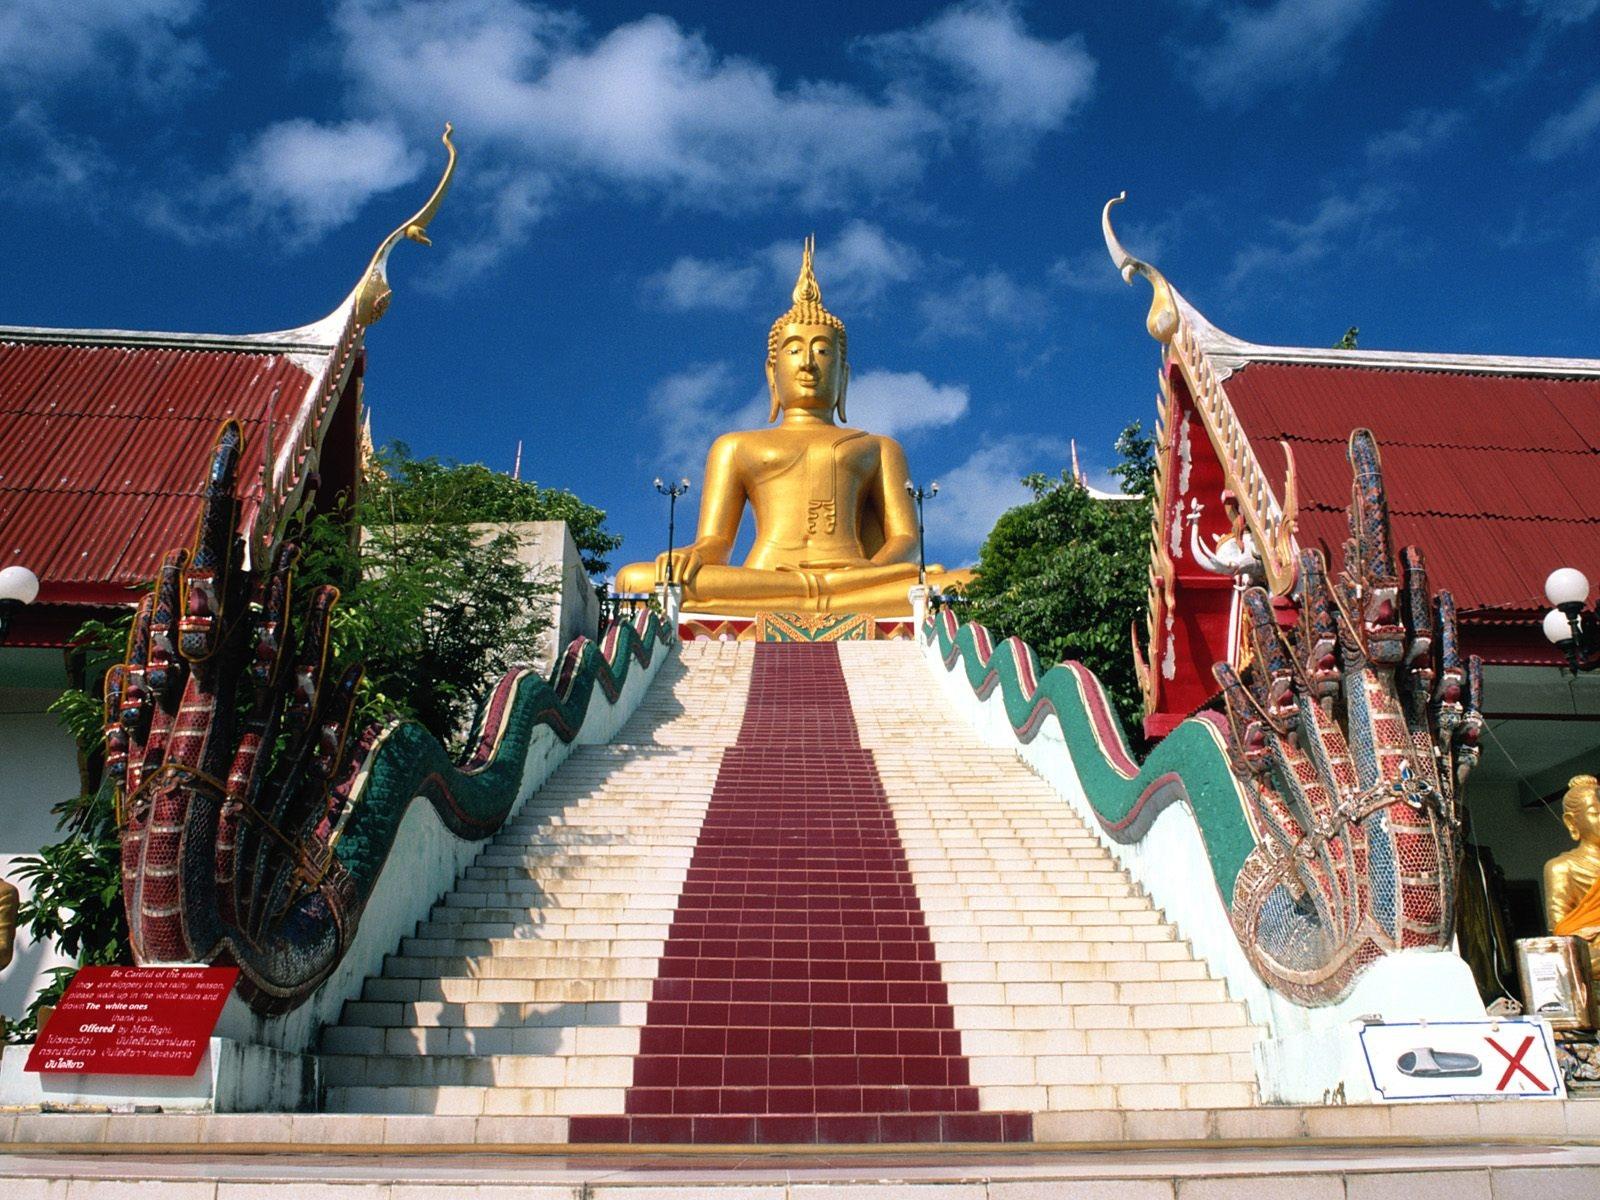 World___Thailand_Buddha_statue_at_a_resort_in_Pattaya__Thailand_061680_